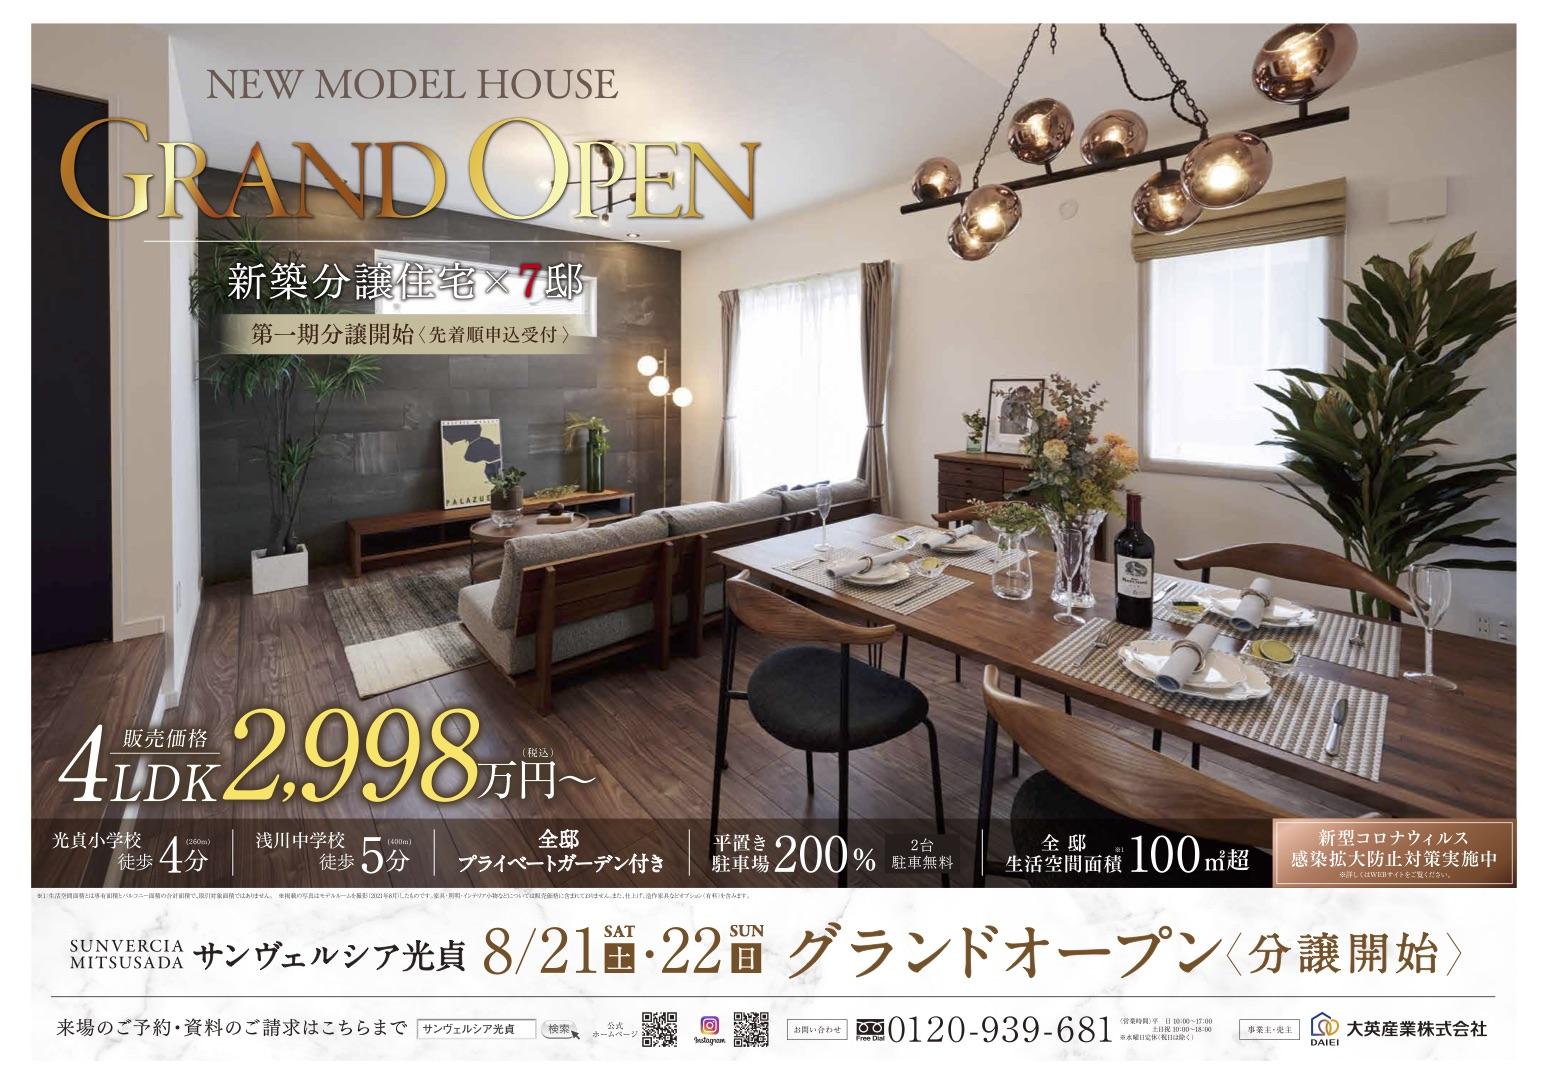 【サンヴェルシア光貞】モデルハウス<span class=